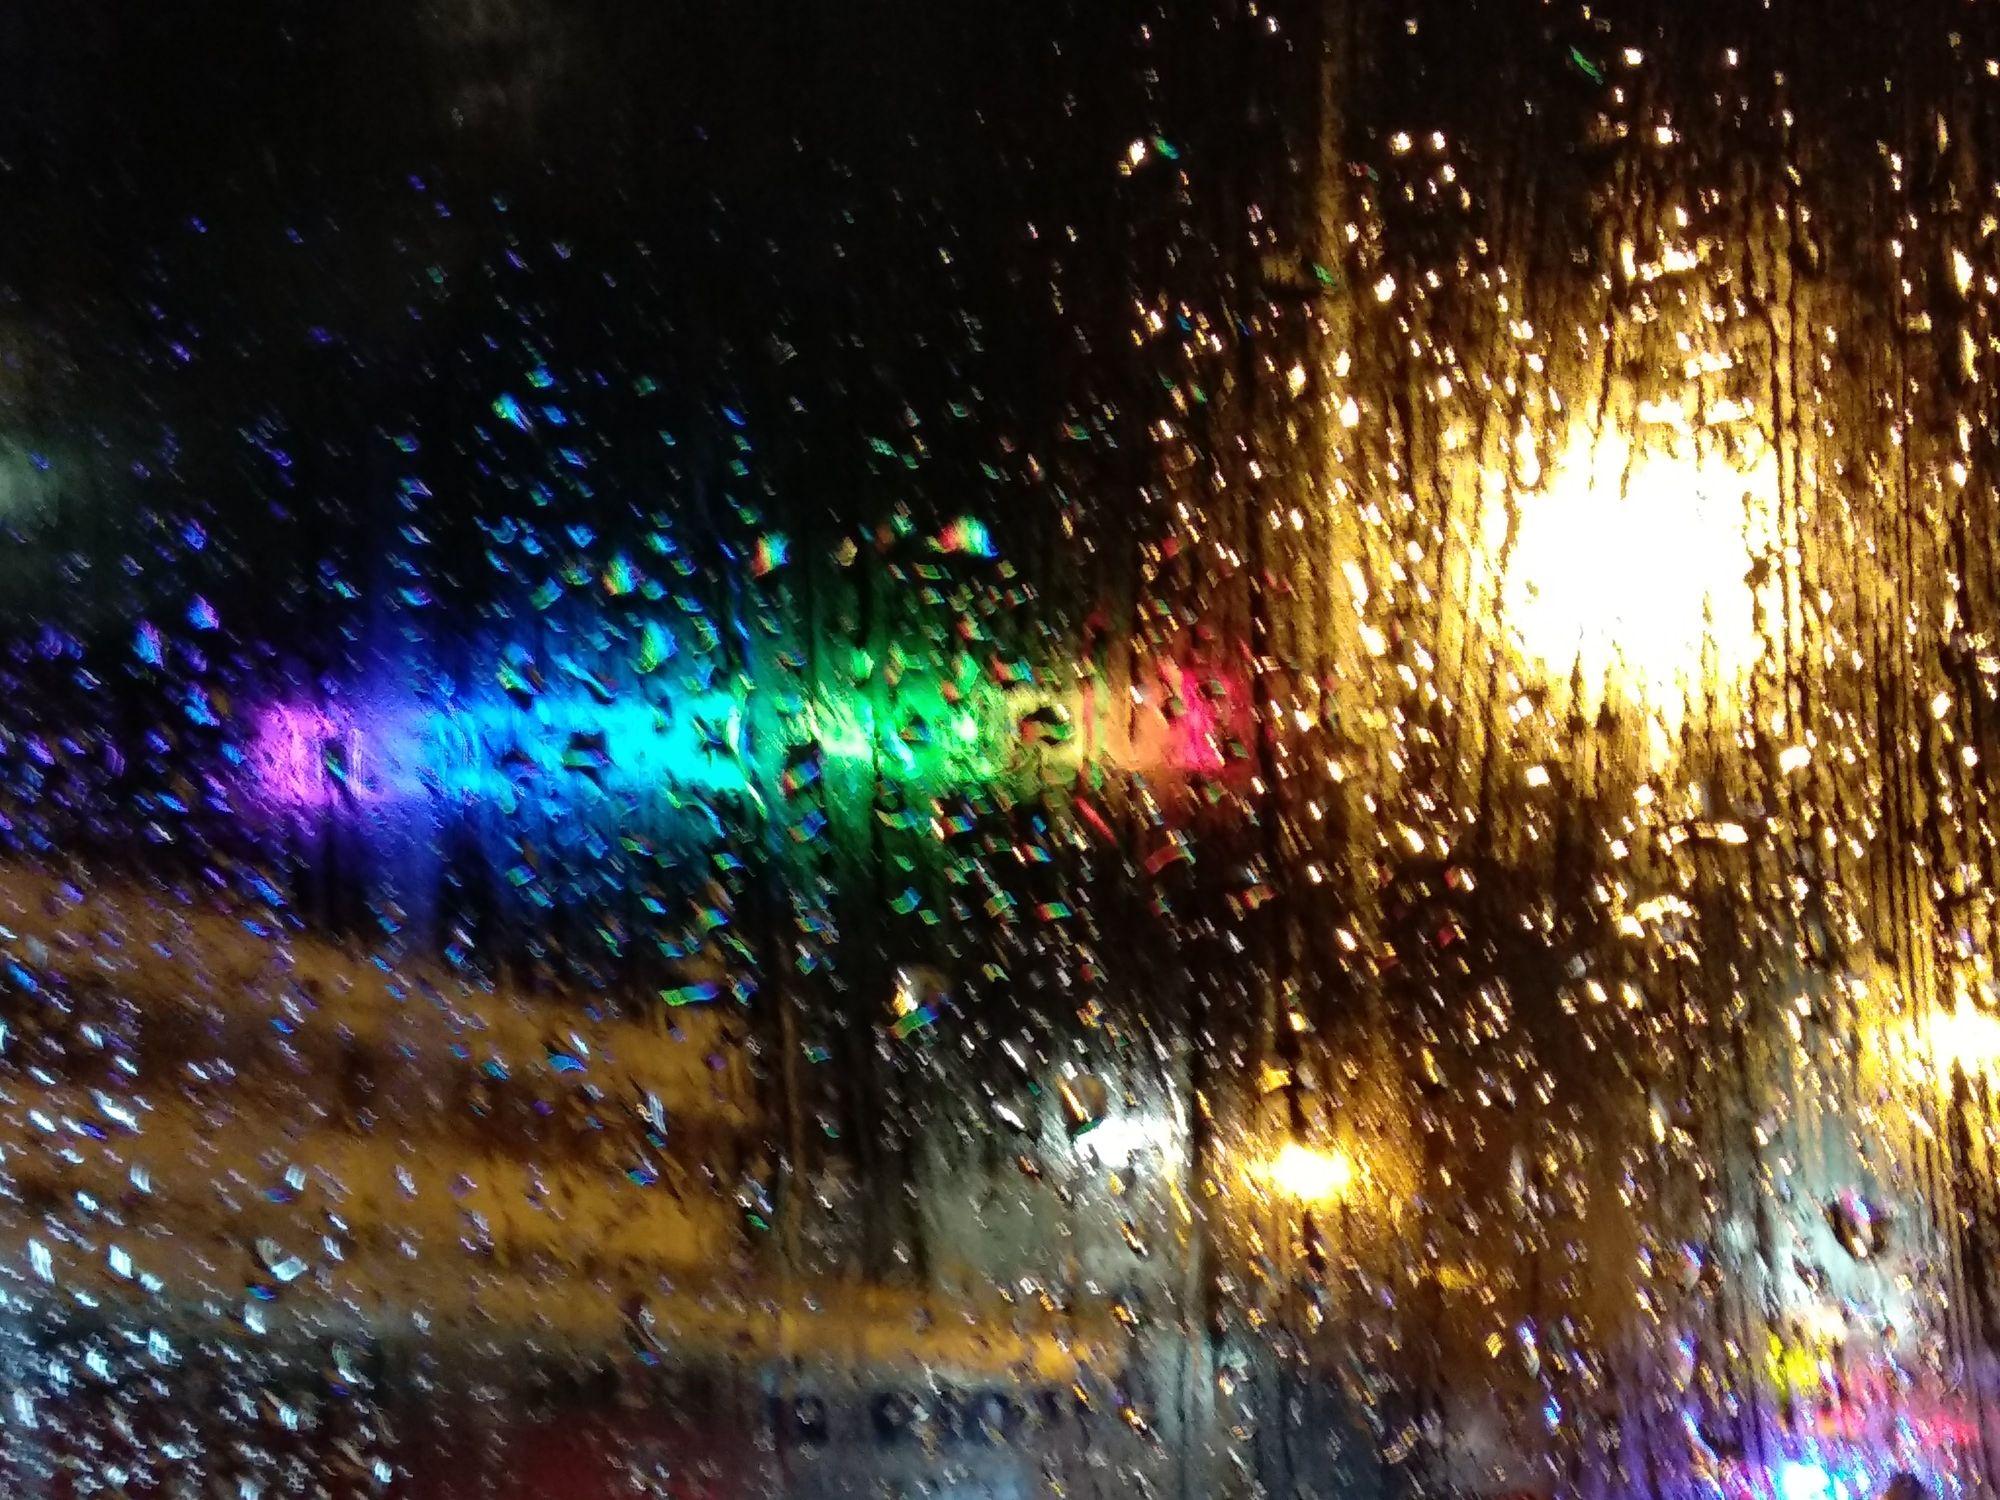 Rained Lights